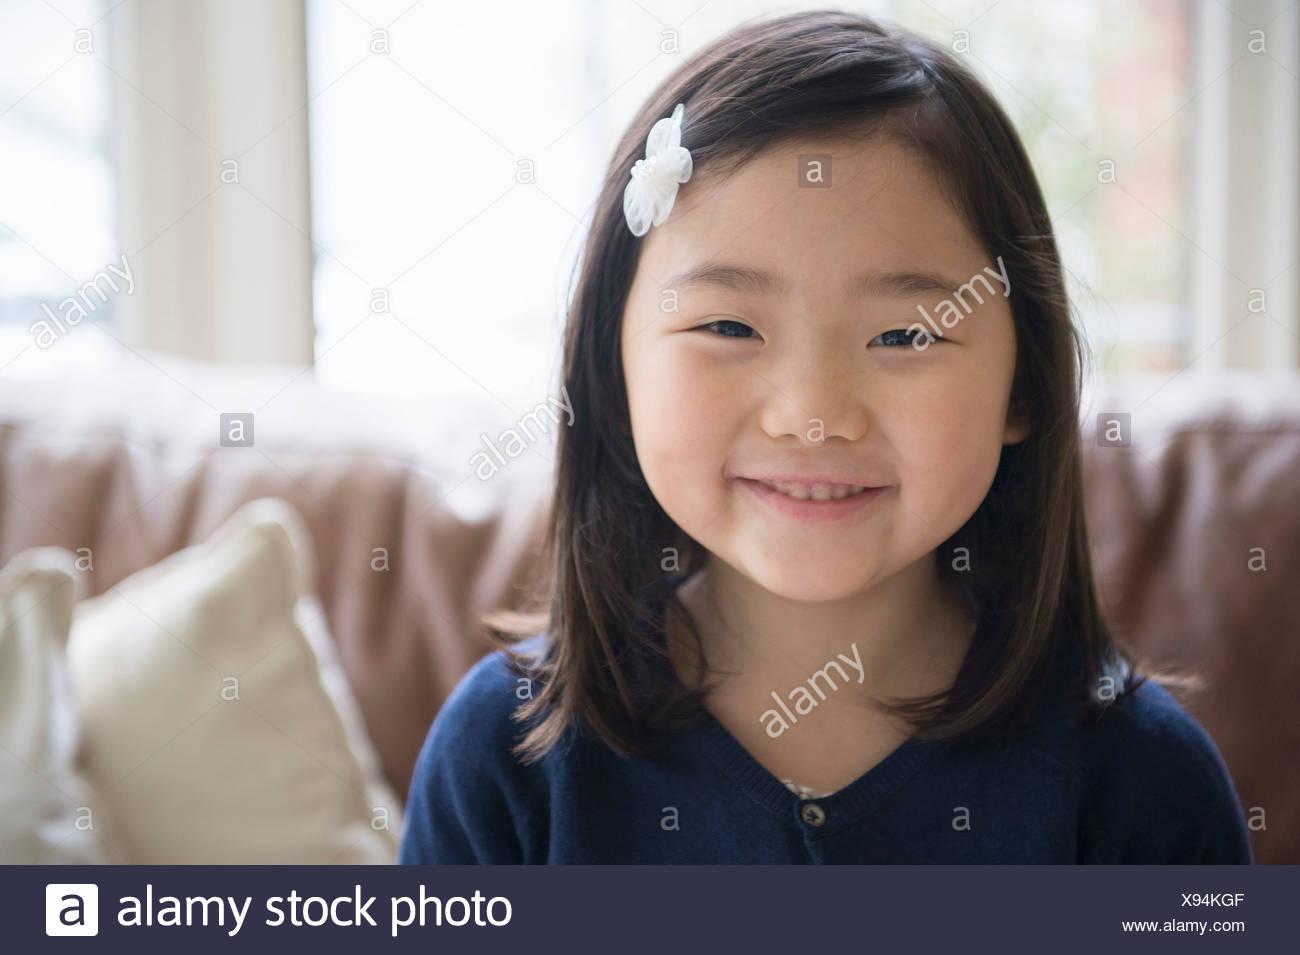 Ritratto di giovane ragazza in salotto Immagini Stock